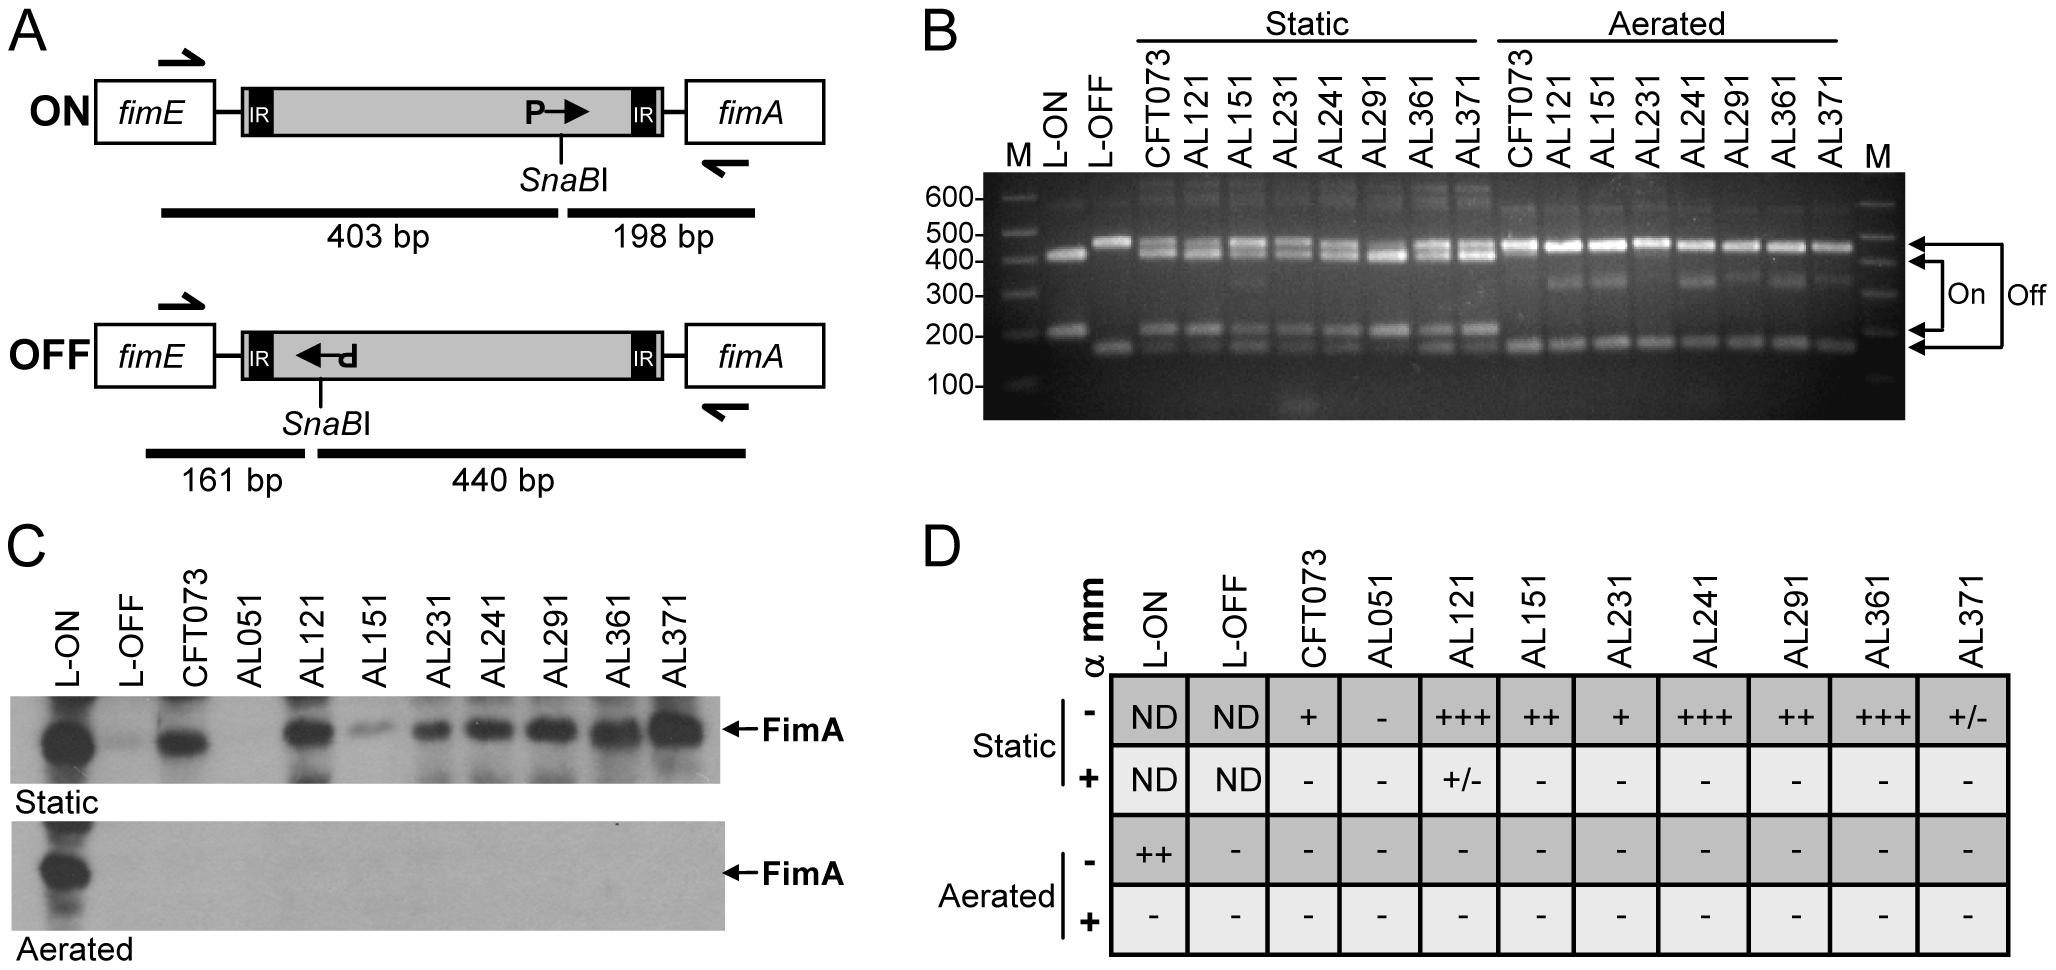 <i>In vitro</i> expression of type 1 fimbriae by clinical <i>E. coli</i> isolates.